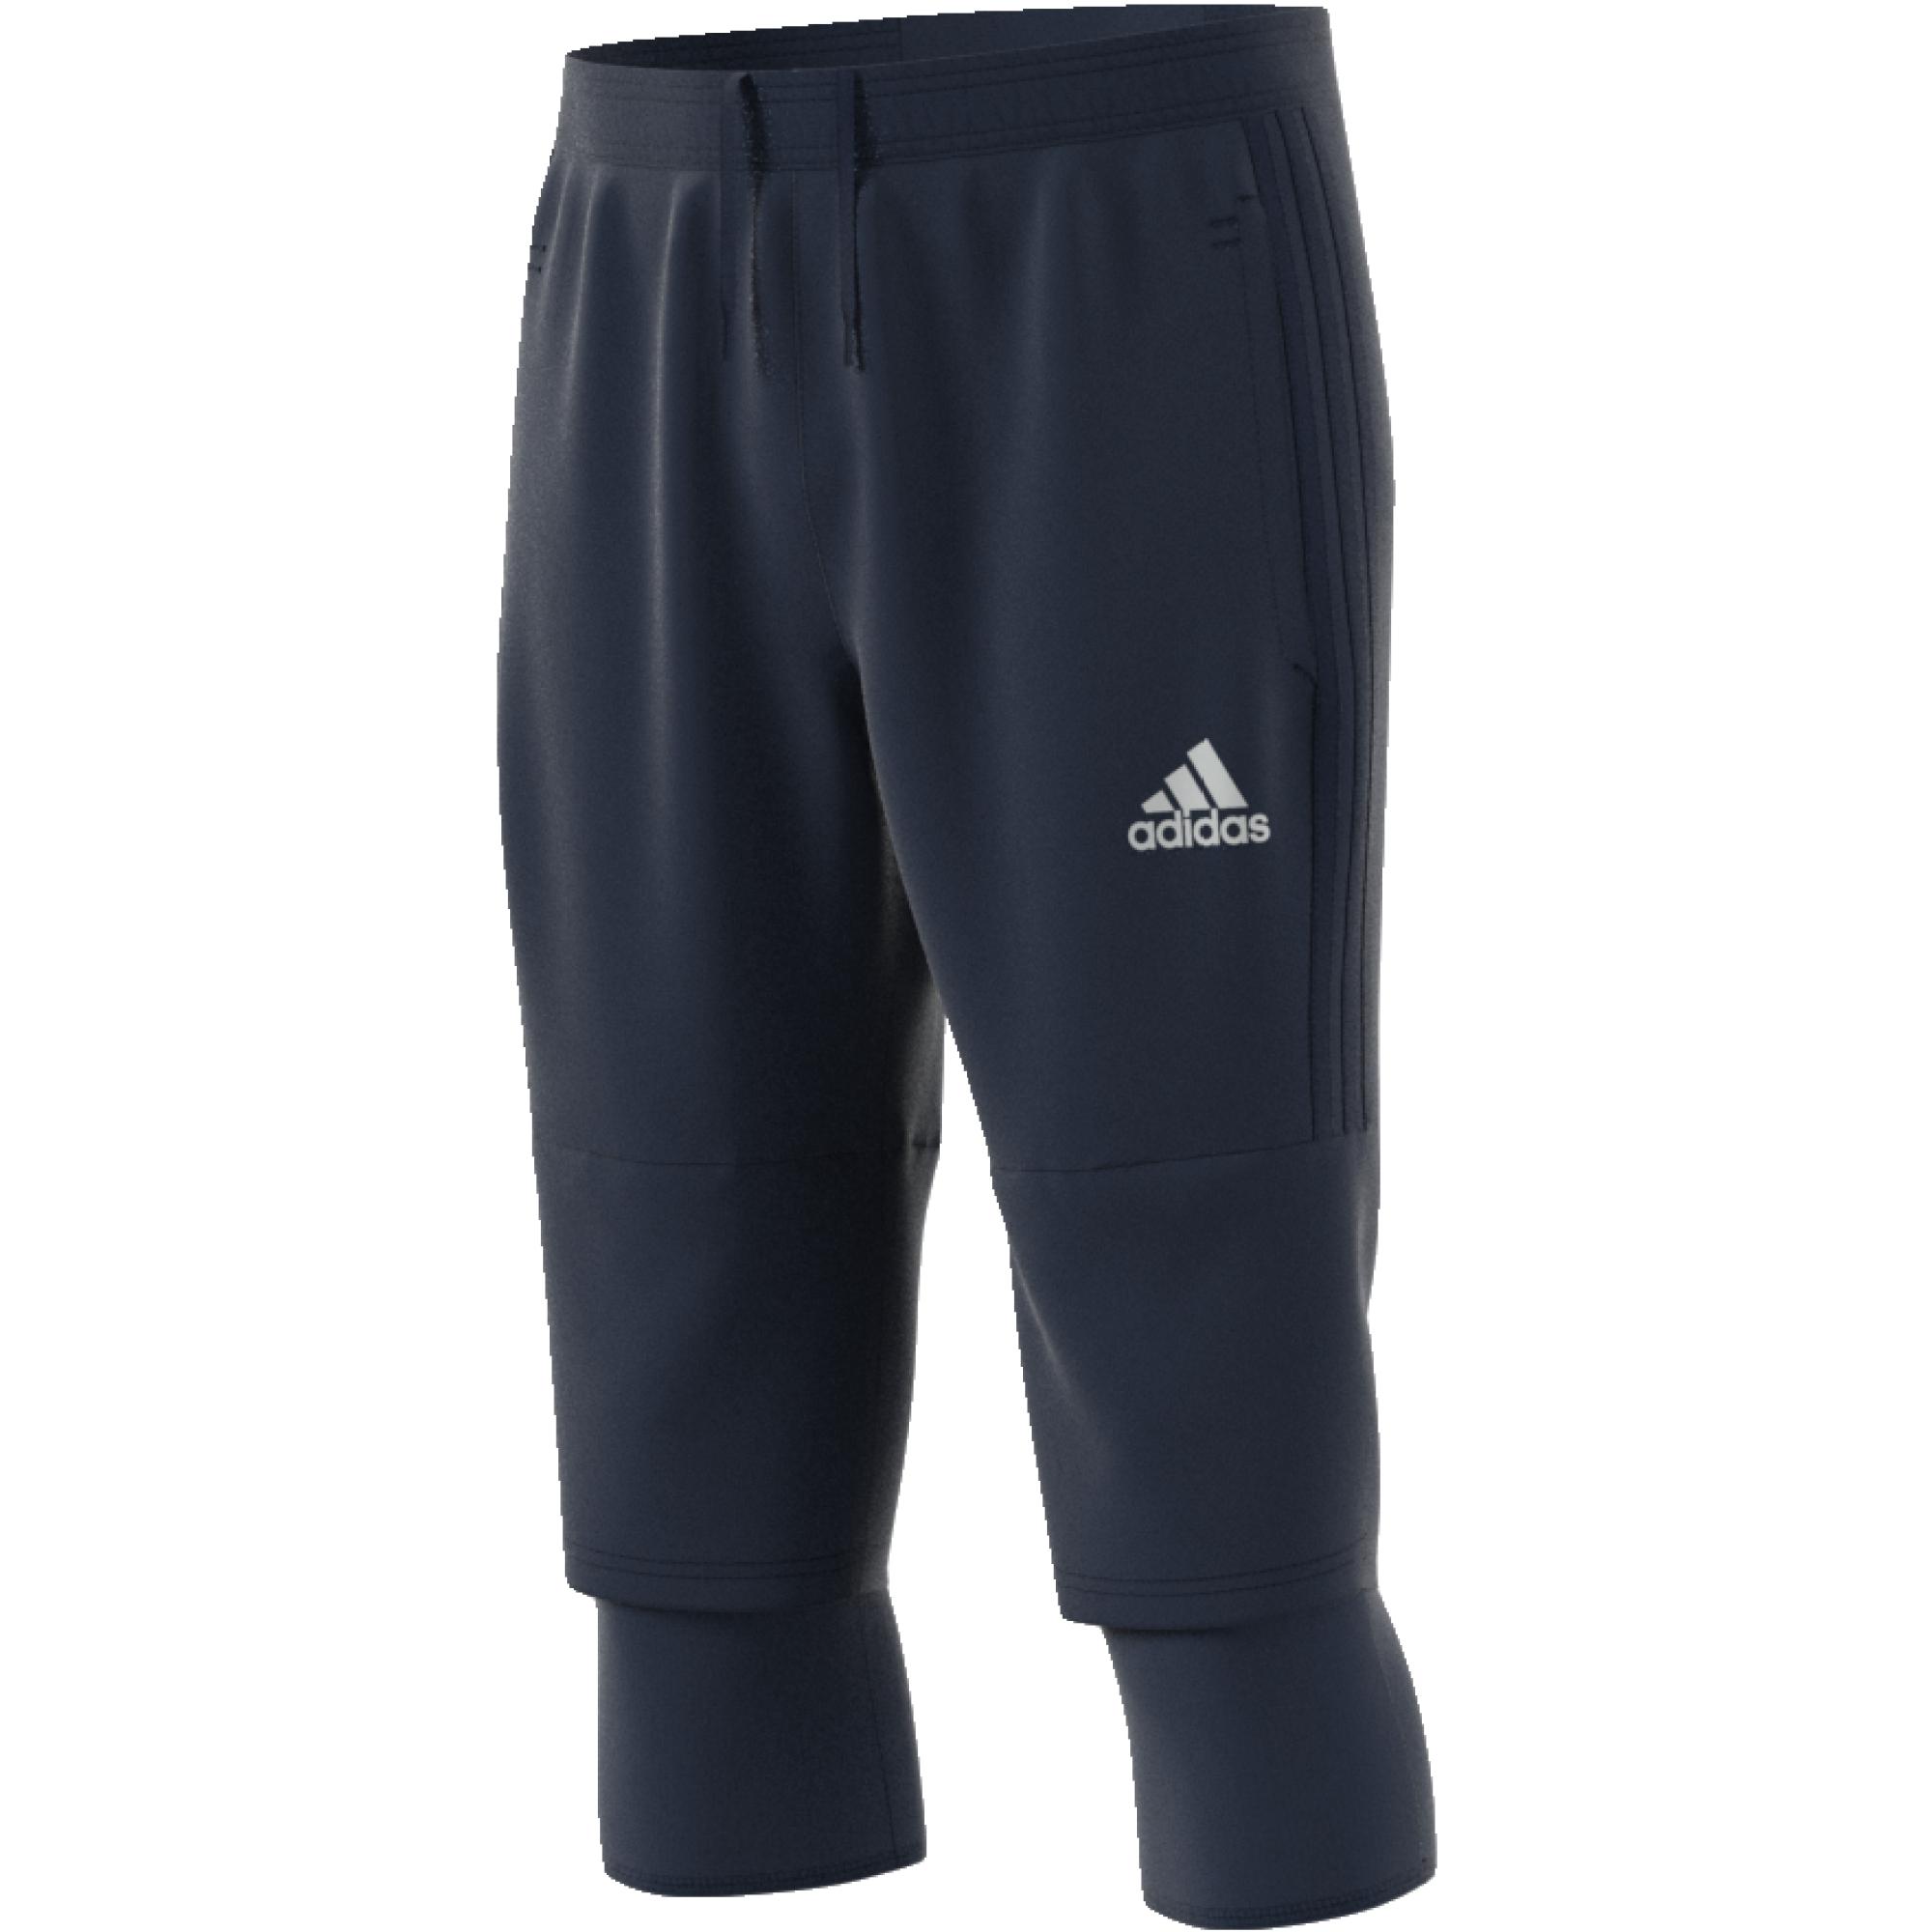 ADIDAS 3/4 kalhoty Tiro 17